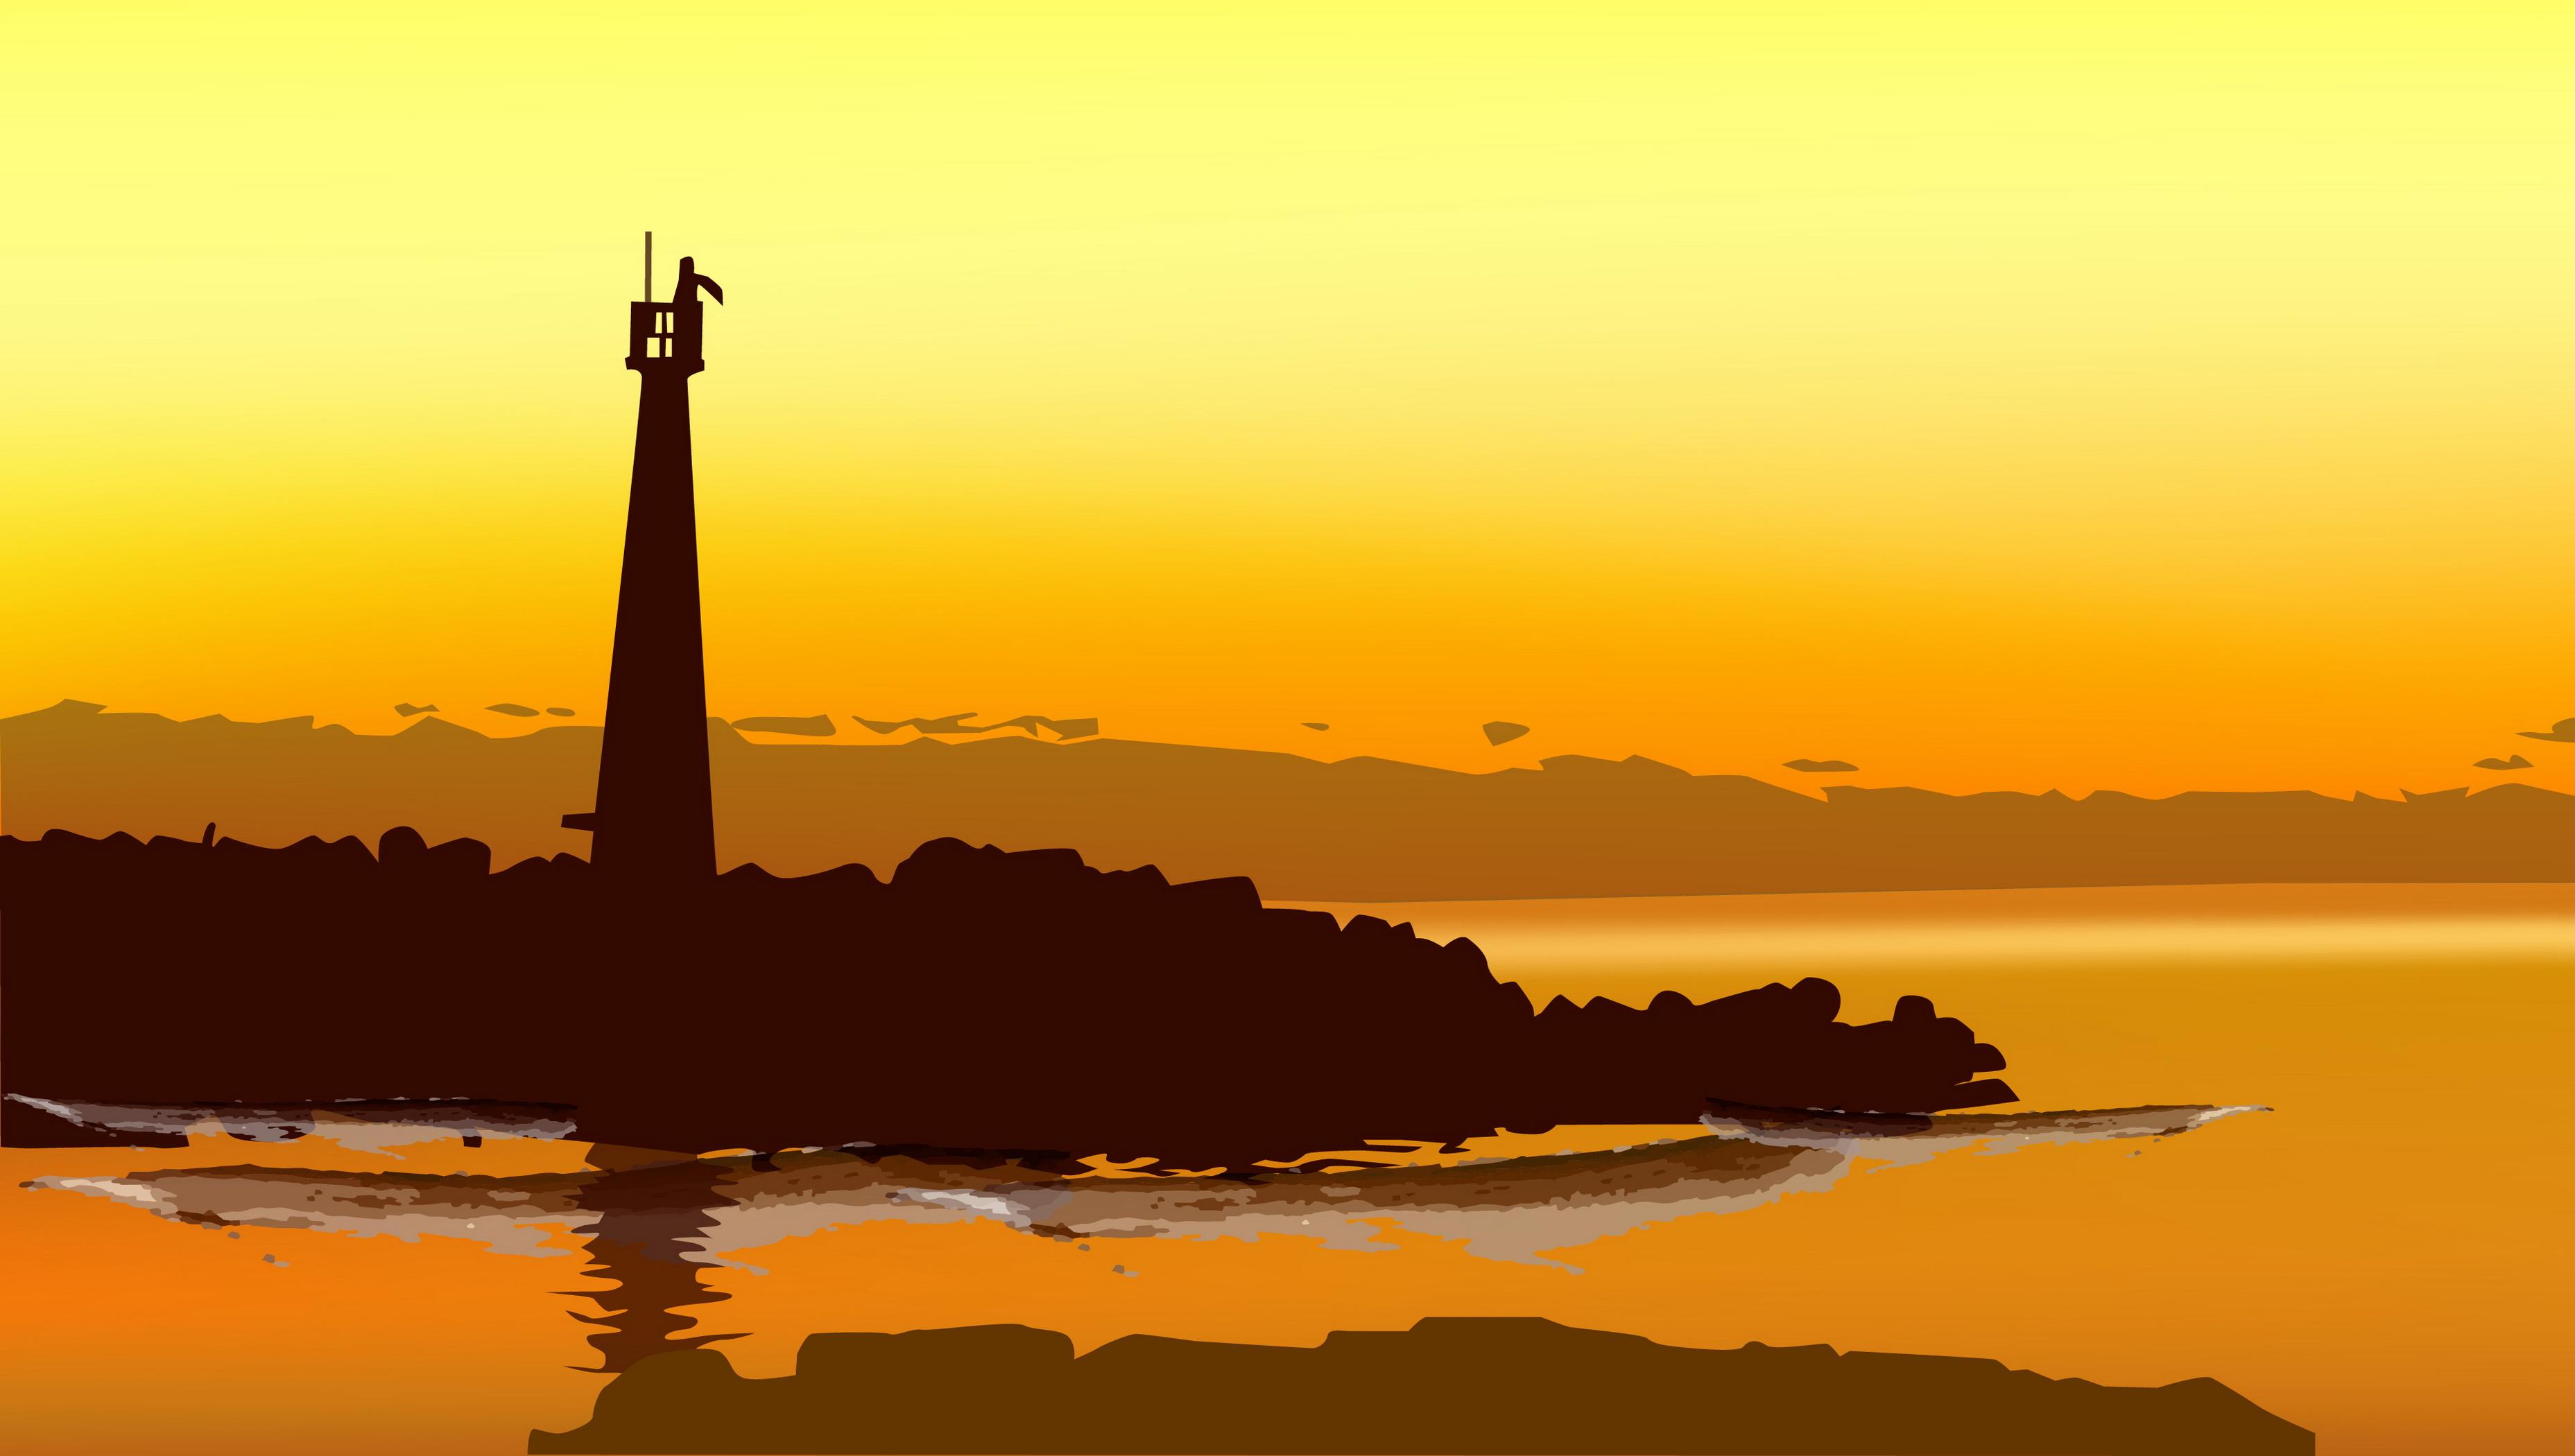 mod u00e8le d arri u00e8re plan de phare de la mer au bord de la mer